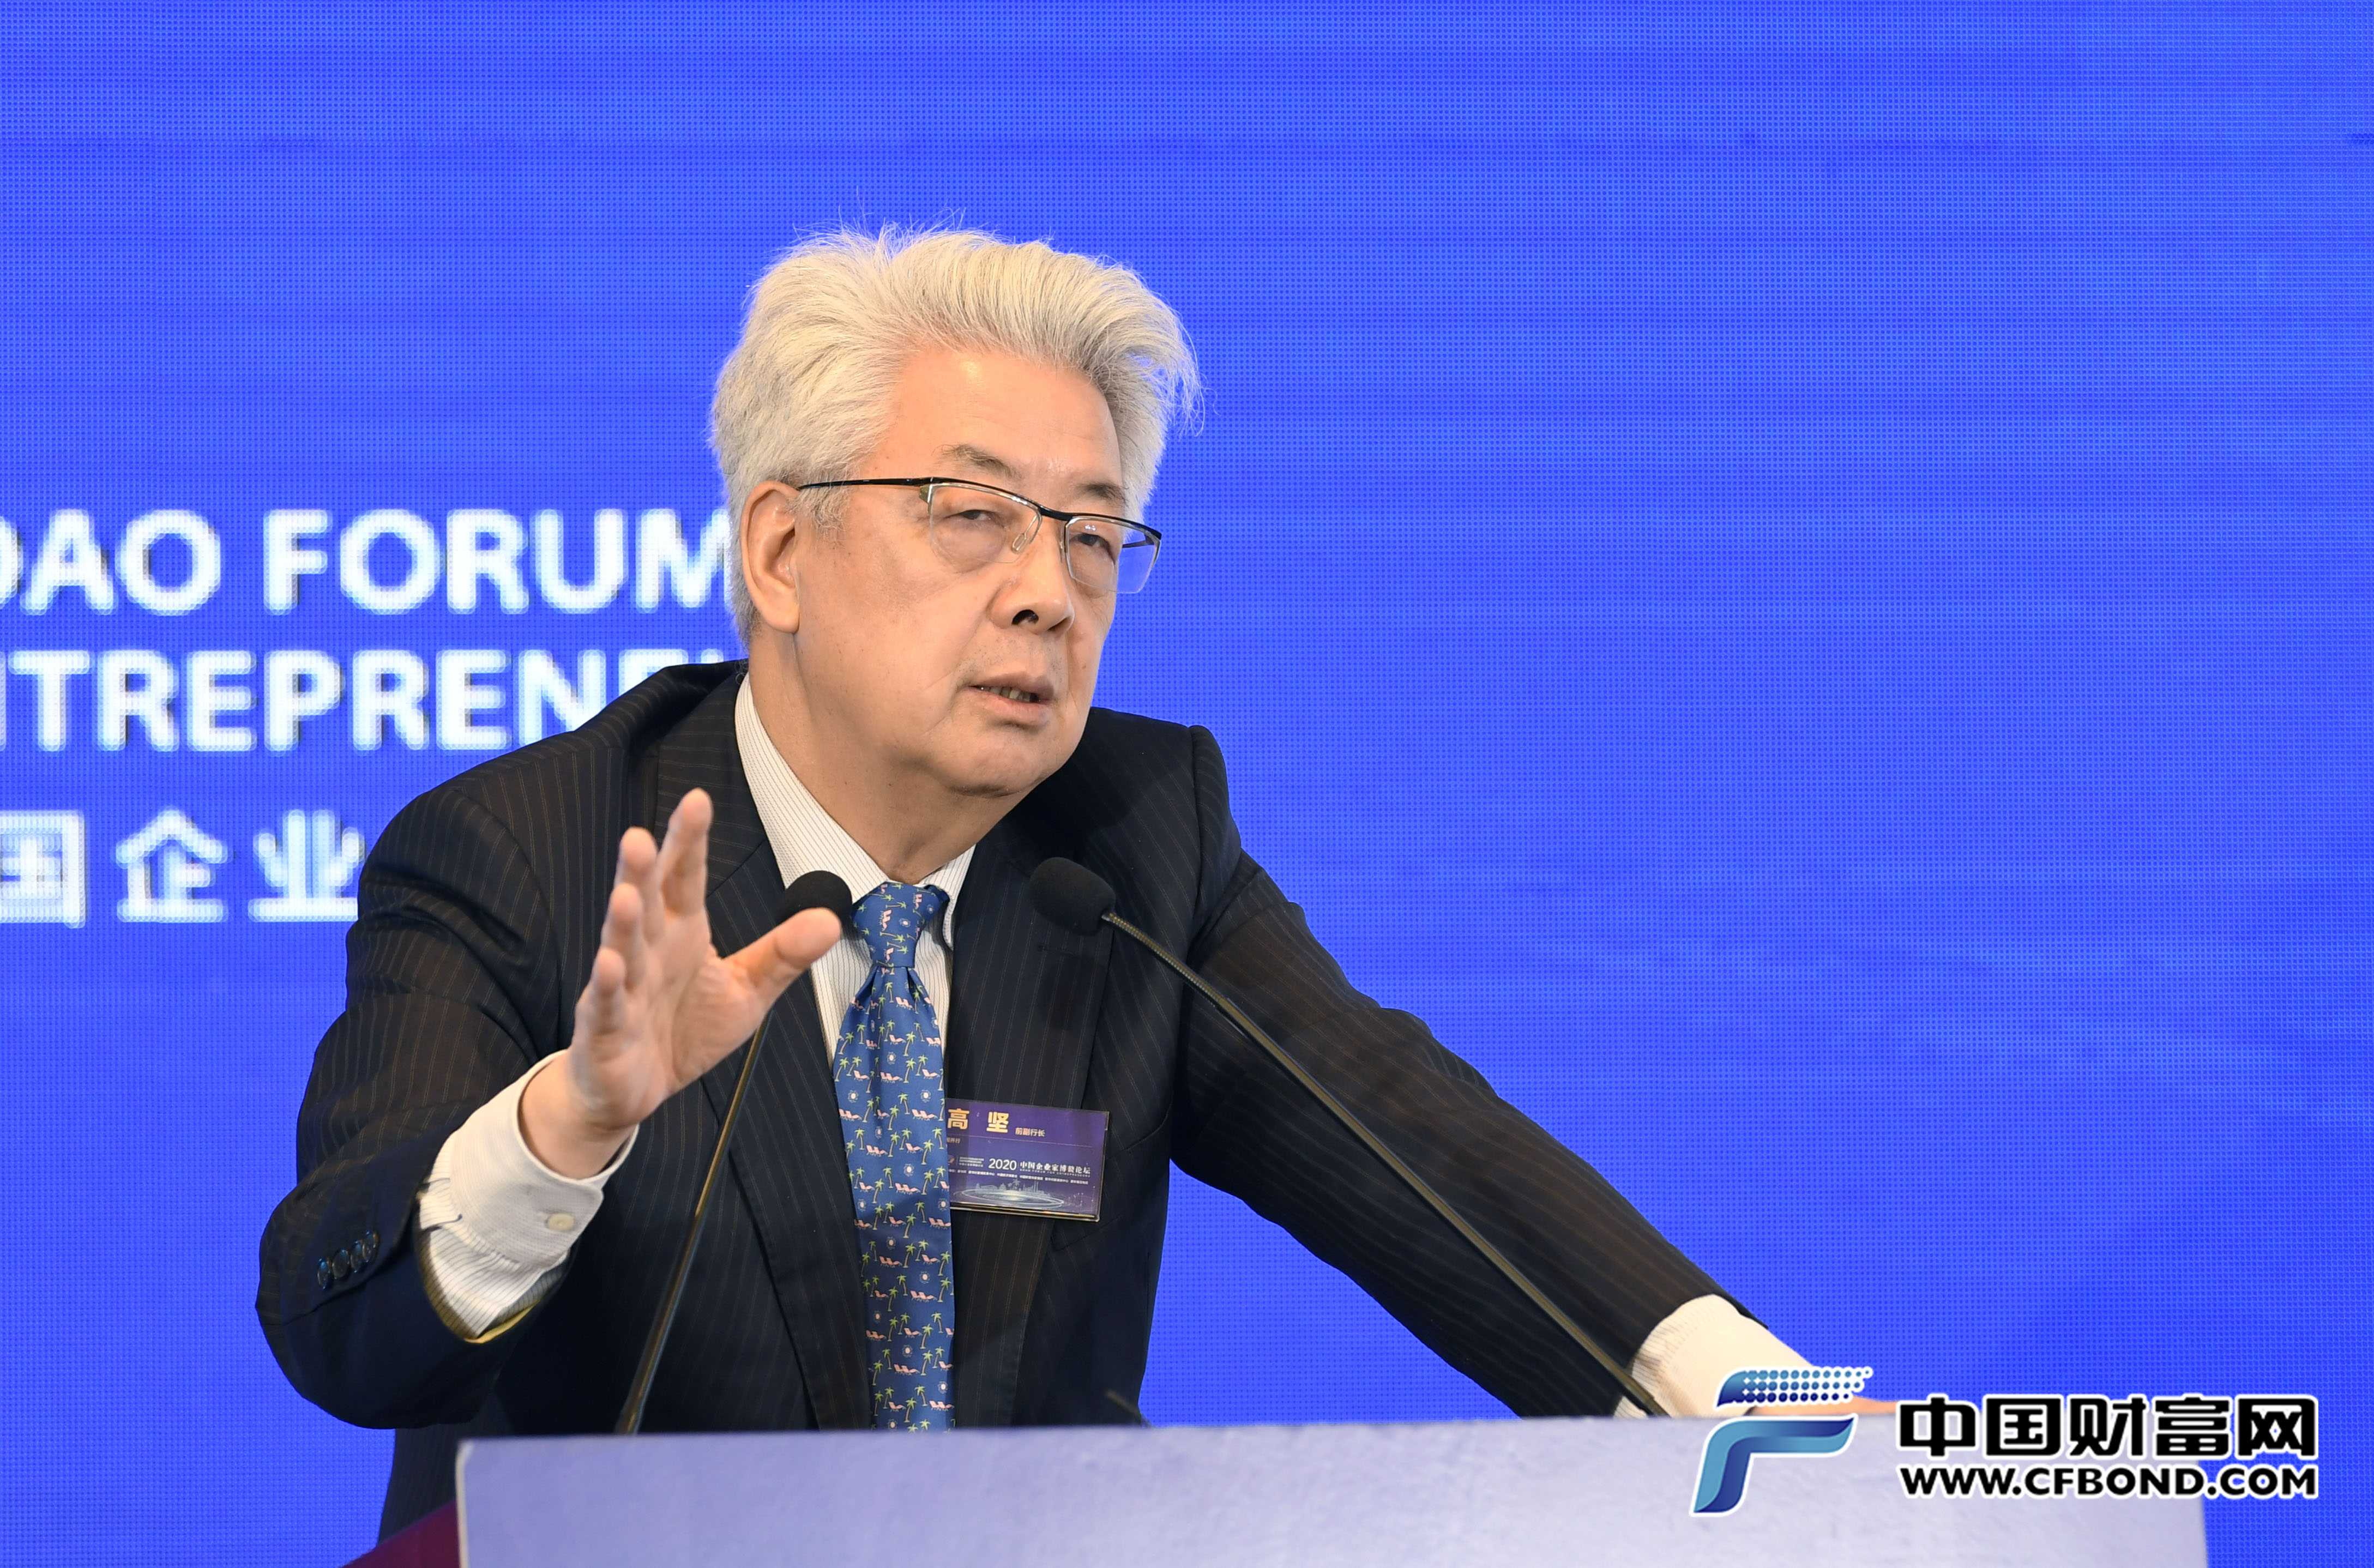 国家开发银行原副行长、中国财富研究院学术委员会副主席高坚演讲